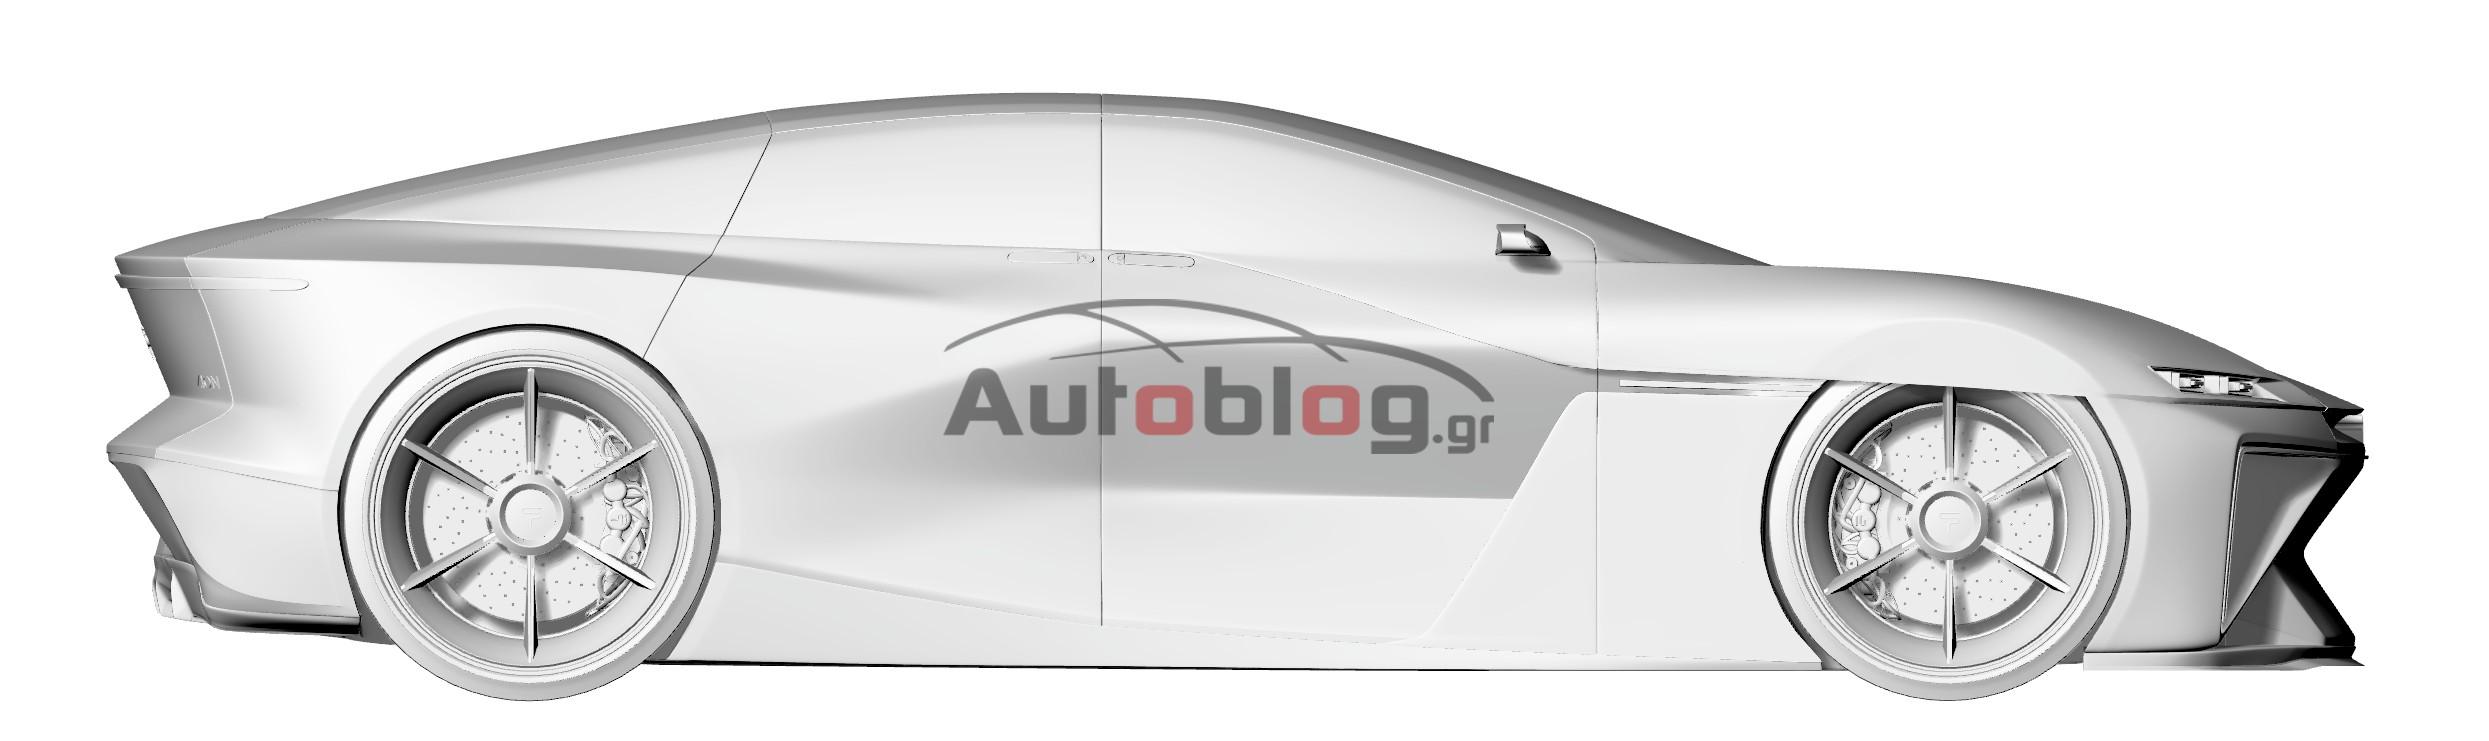 Spyros-Panopolos-SPA-Zion-4dour-coupe-hydrogen-patents-2